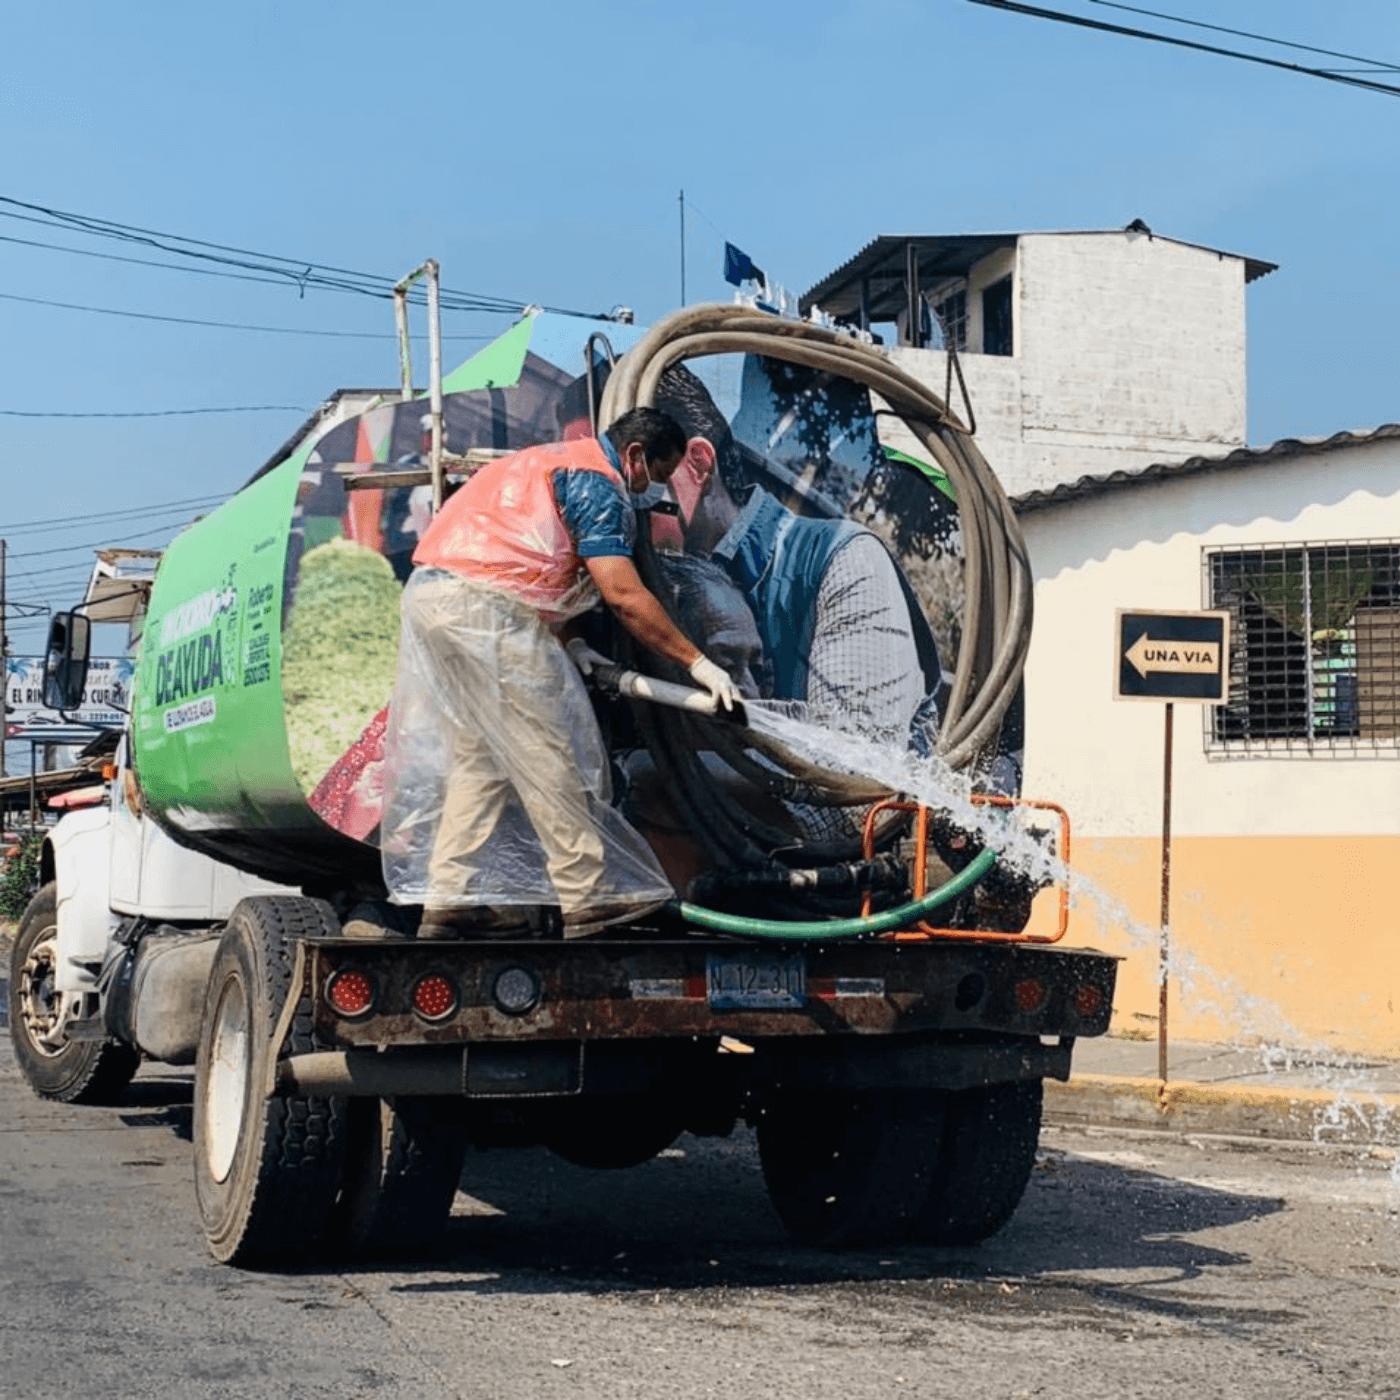 COVID-A El Plan Para Frenar La Covid-19 En Santa Tecla. Limpieza calles. Fotografía. Roberto d'Aubuisson. 2021